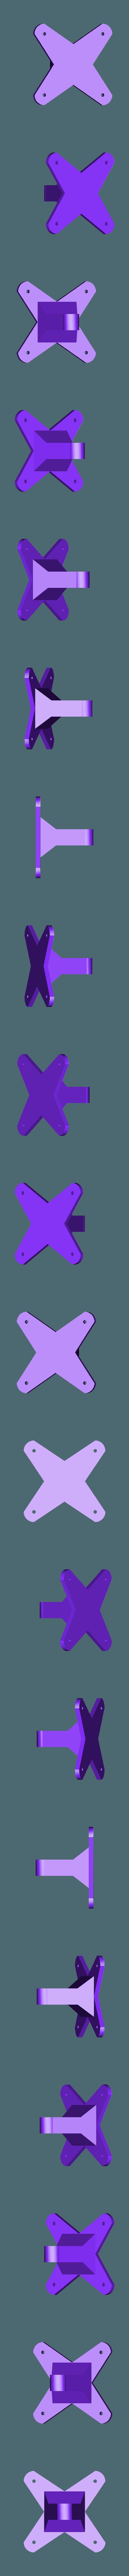 Support mur.STL Télécharger fichier STL gratuit Attache mural pc • Objet imprimable en 3D, lucasdenise081829